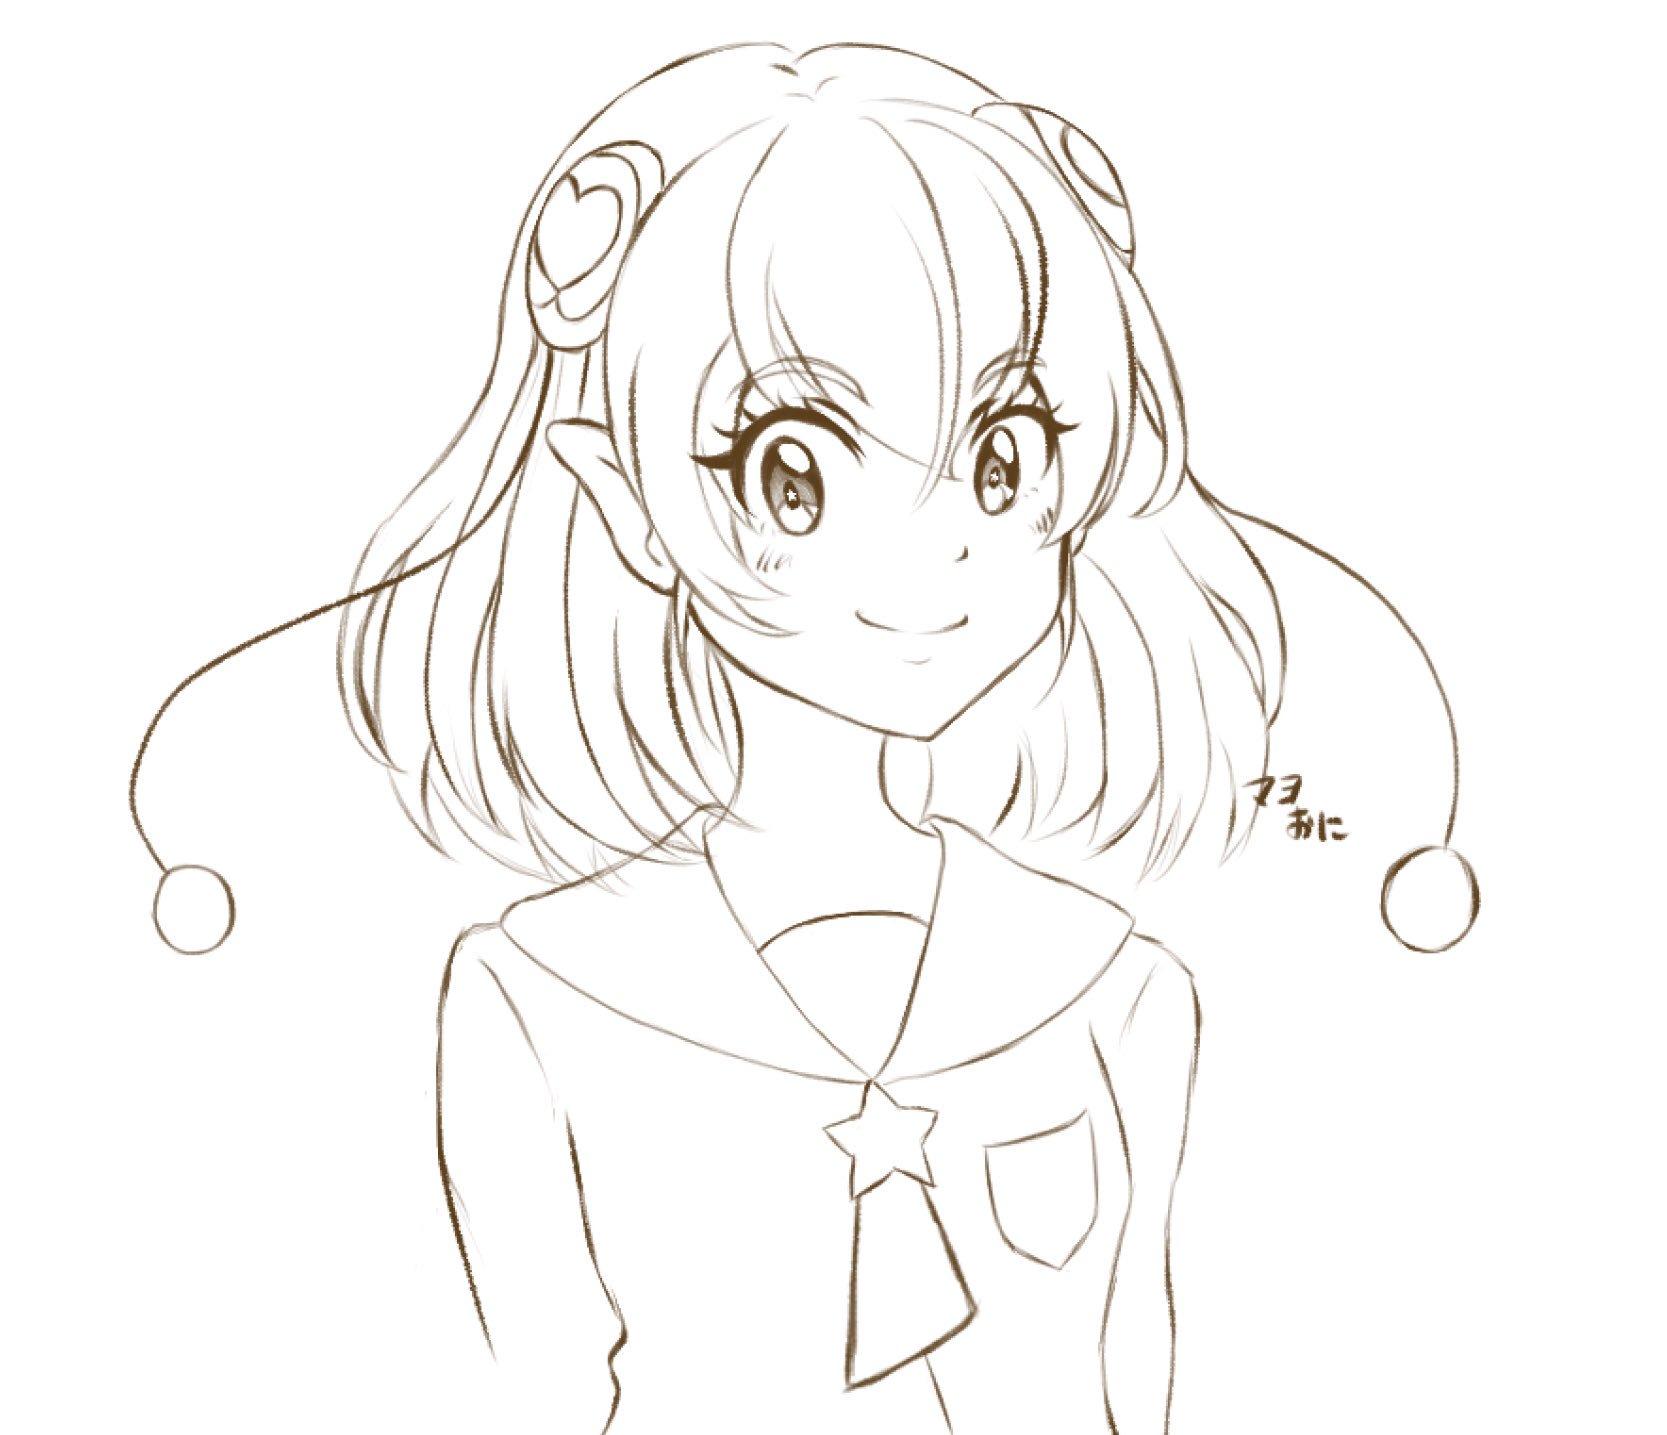 マヨおに (@omusubi_nigi_)さんのイラスト